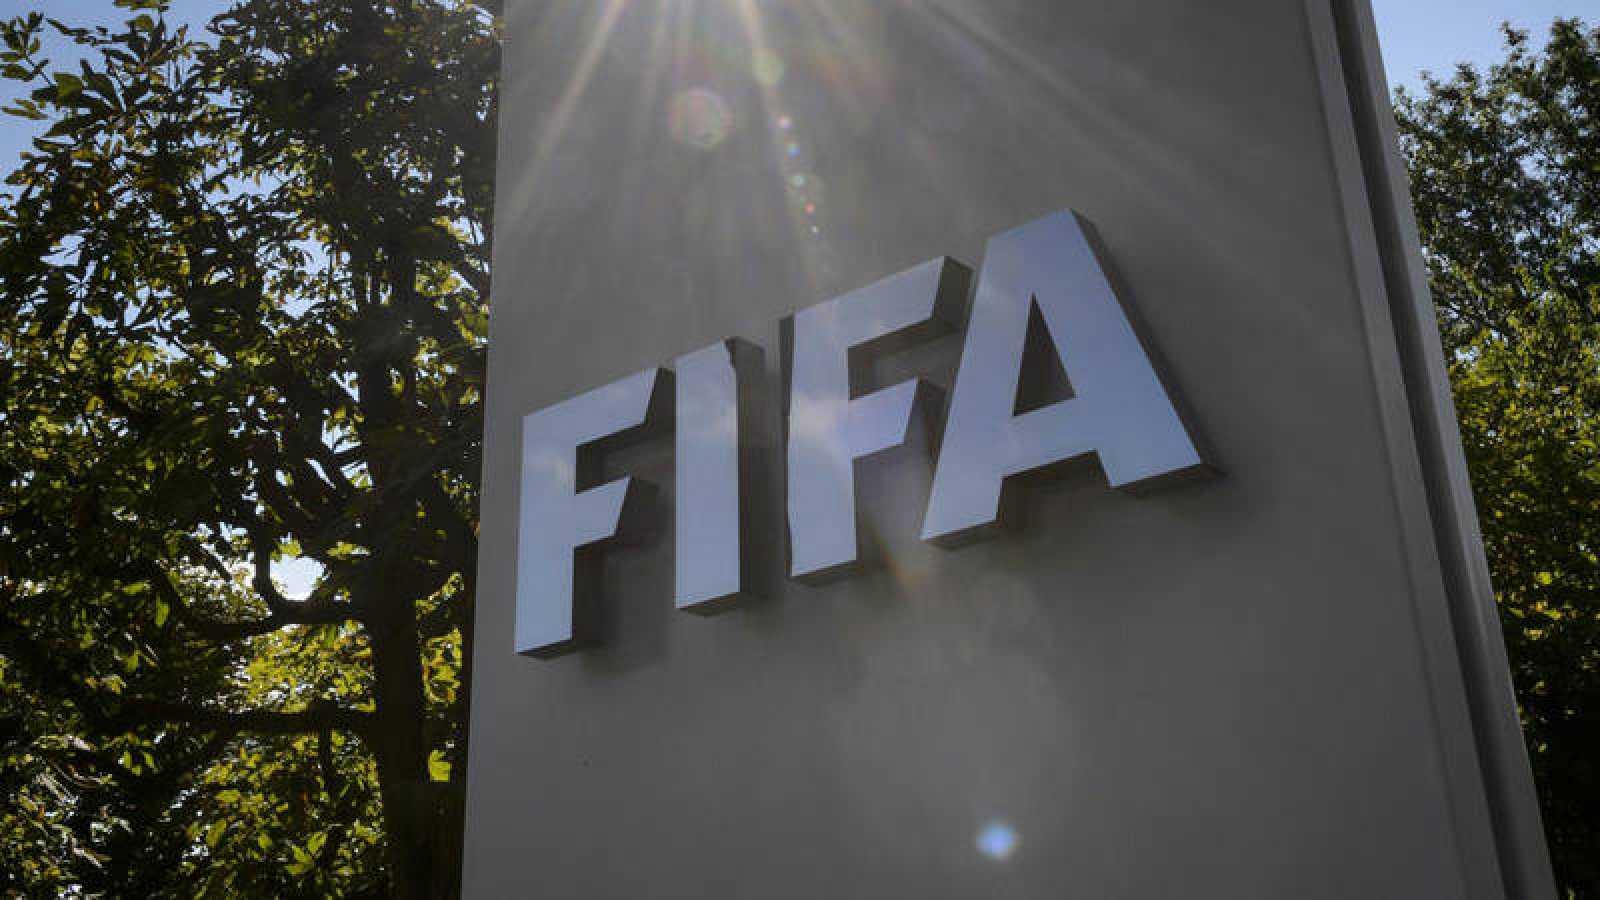 La FIFA denuncia a Viagogo por la venta no autorizada de entradas del Mundial